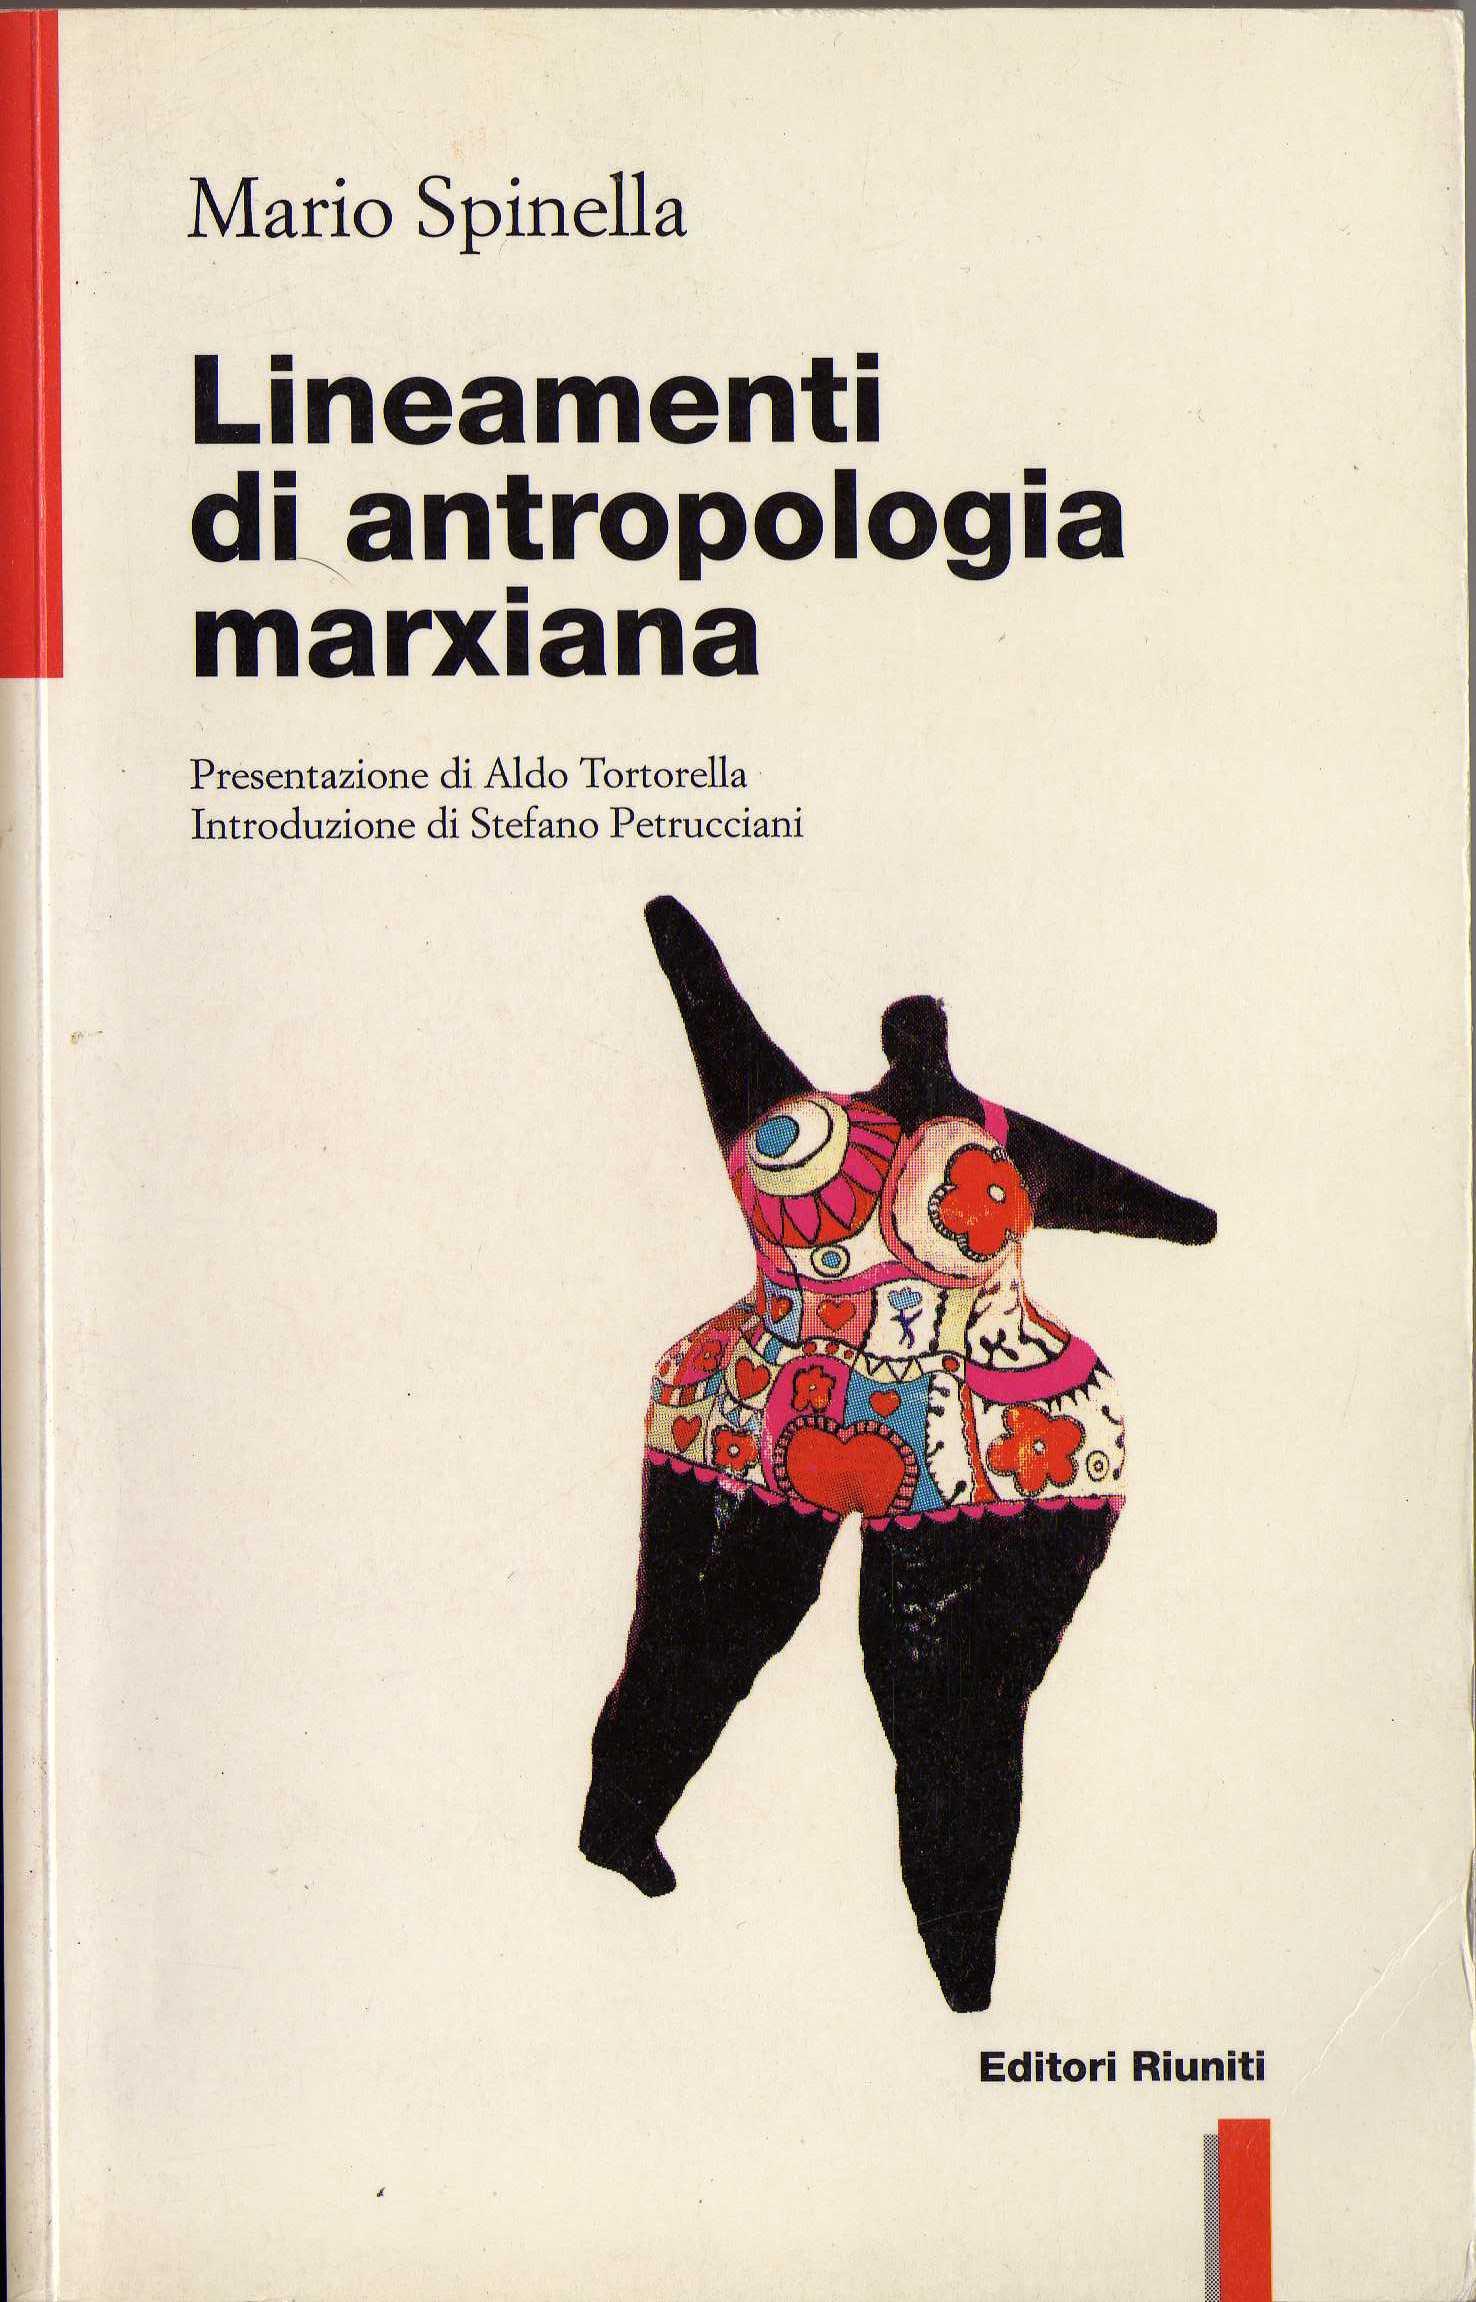 Lineamenti di antropologia marxiana